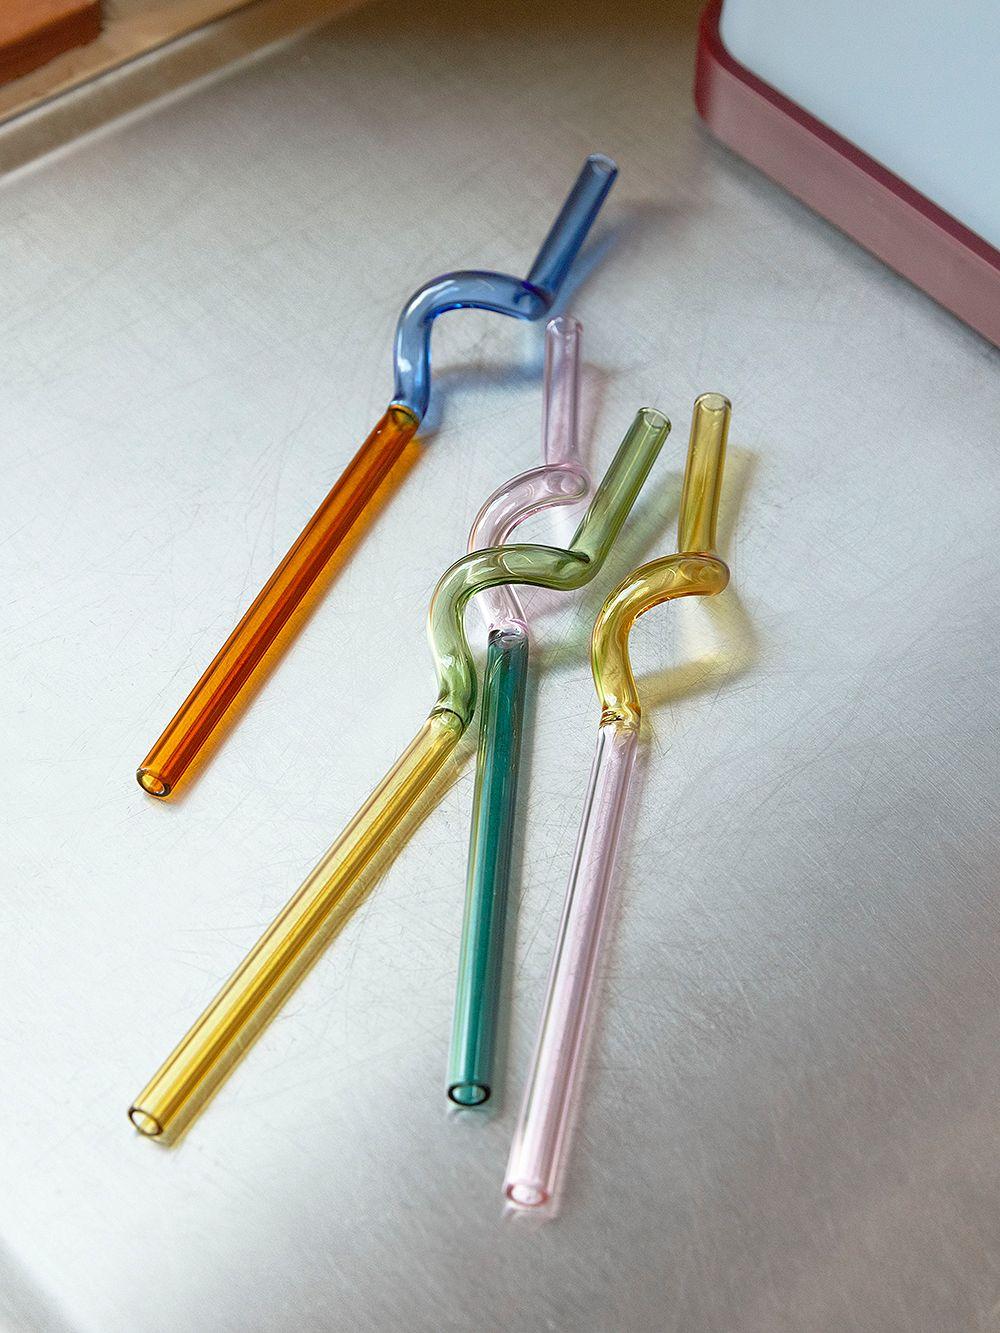 Hay Sip straws